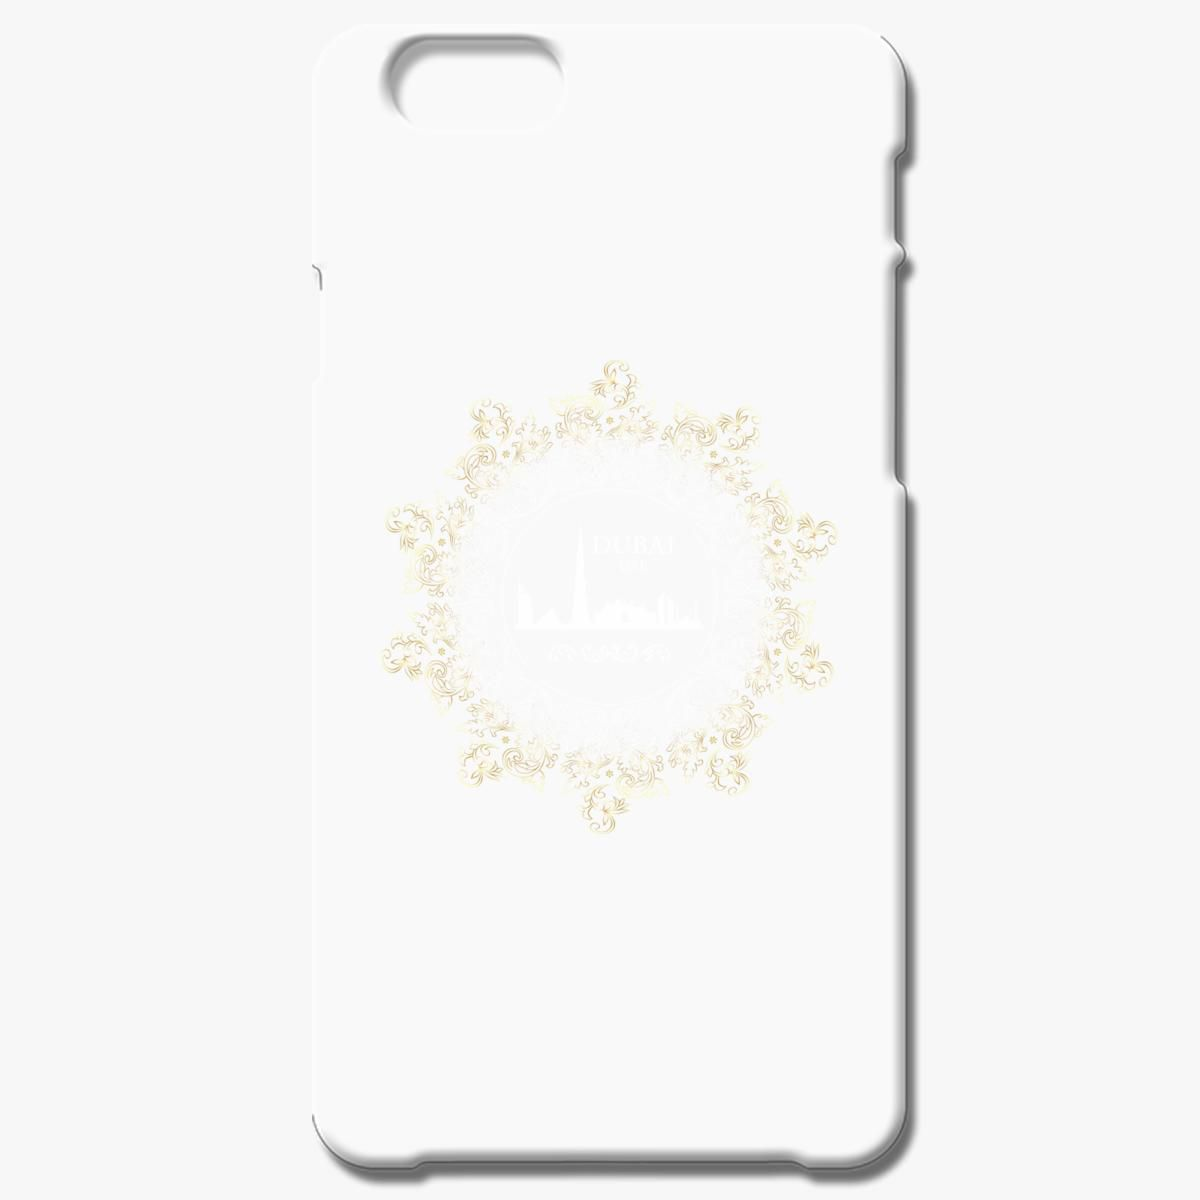 Dubai Iphone 6 6s Plus Case